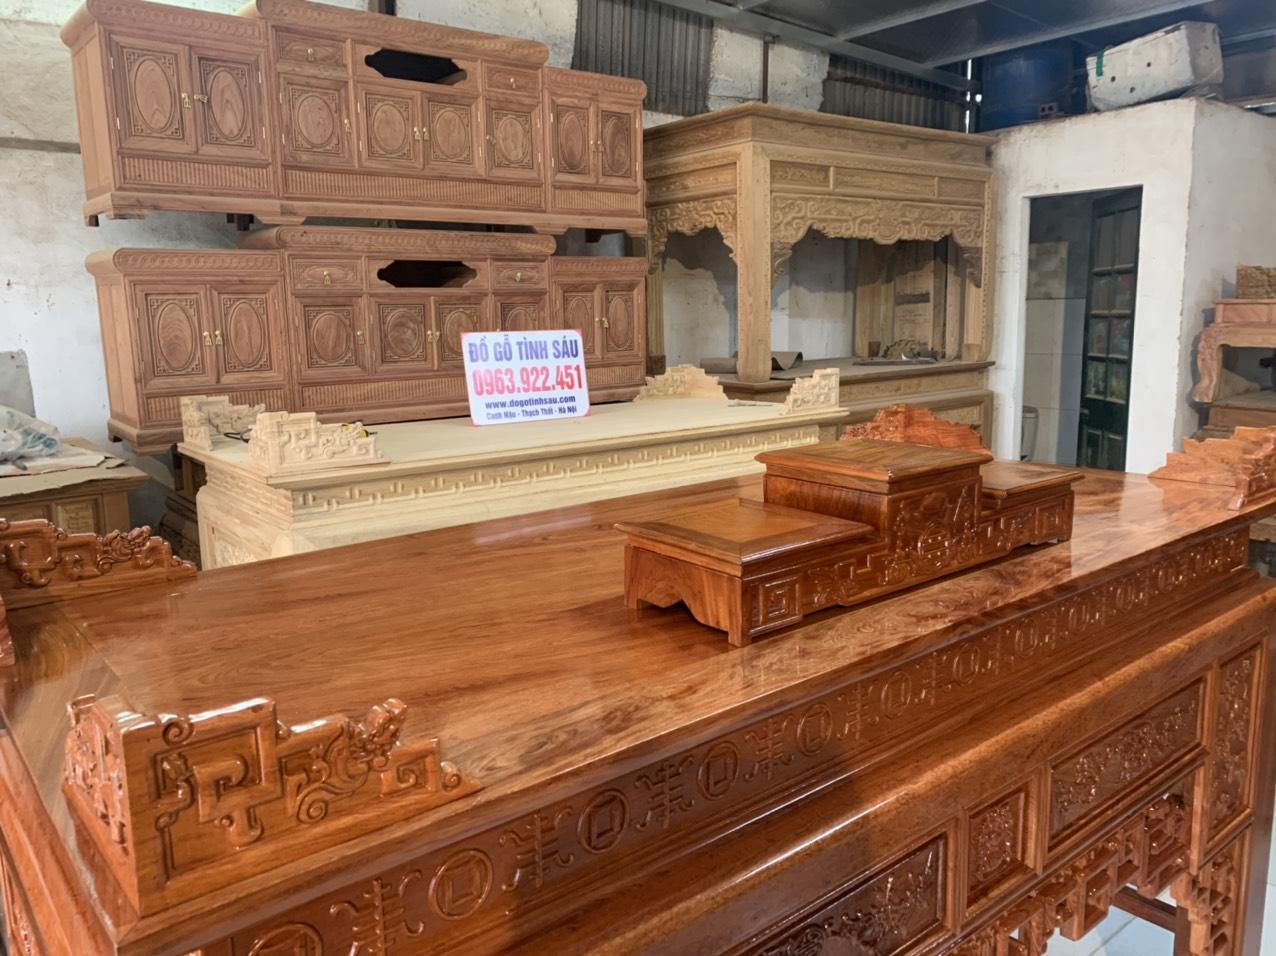 an gian bang go huong da 1m97 - Án gian thờ gỗ hương đá 1m97 (mẫu ô sa)